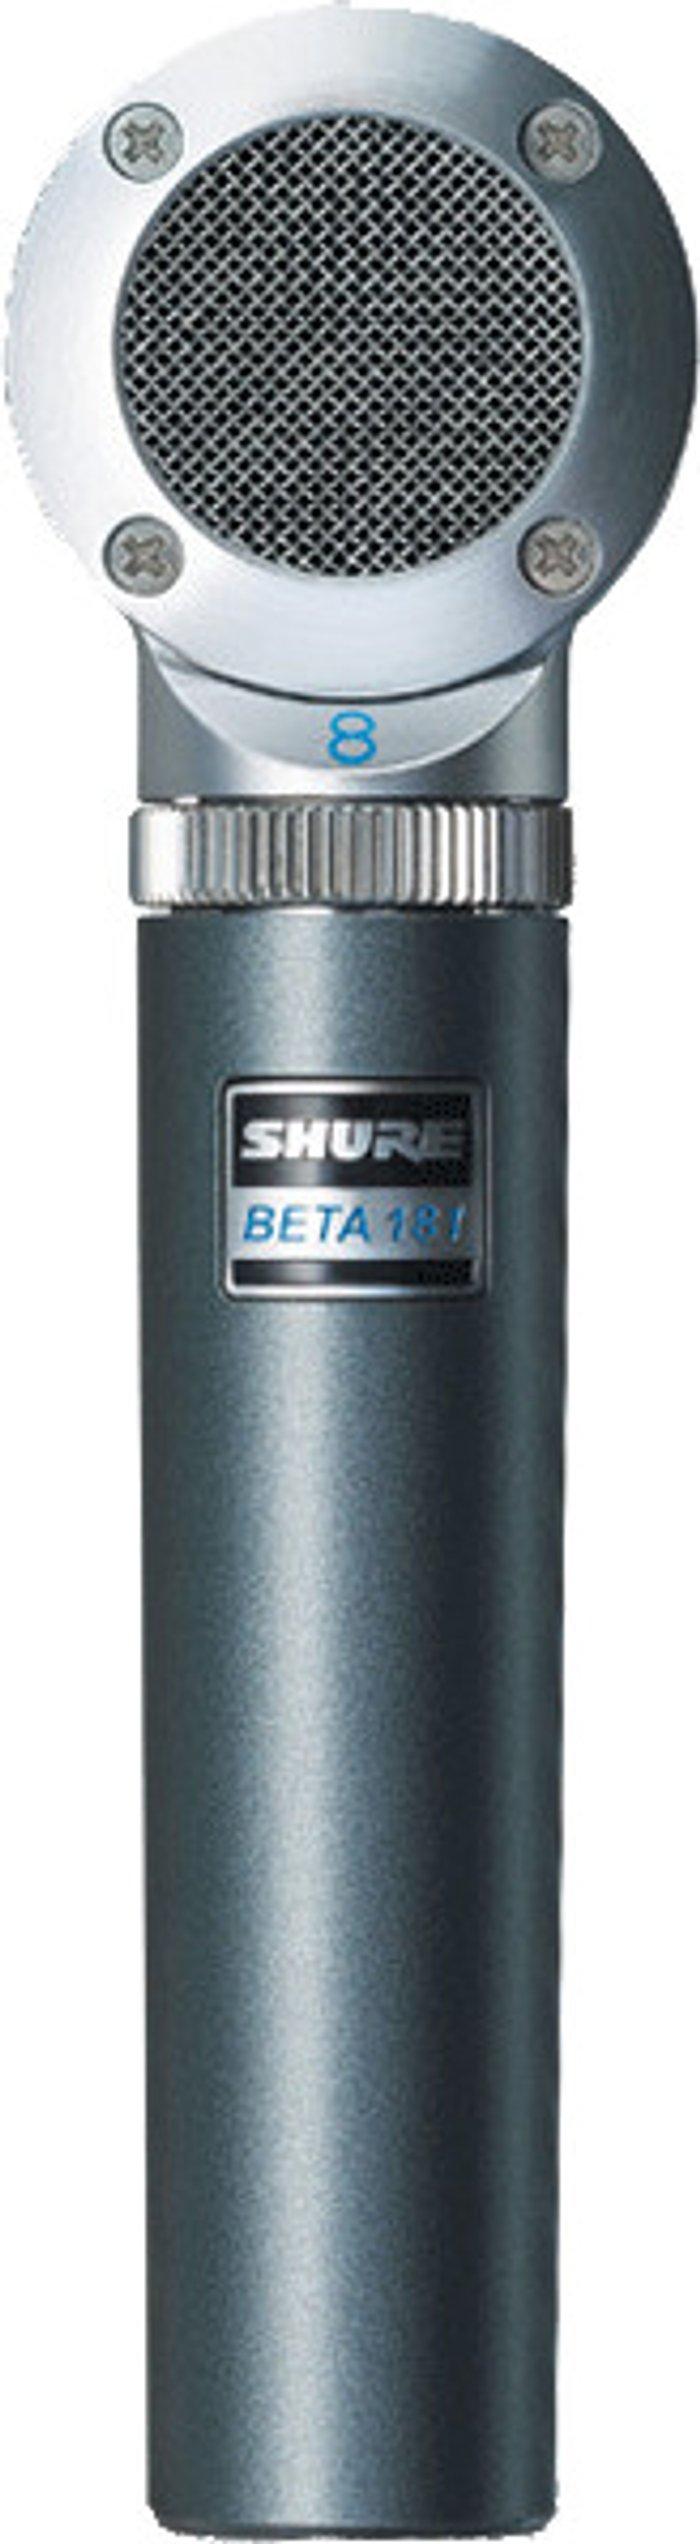 Shure Shure Beta 181/O